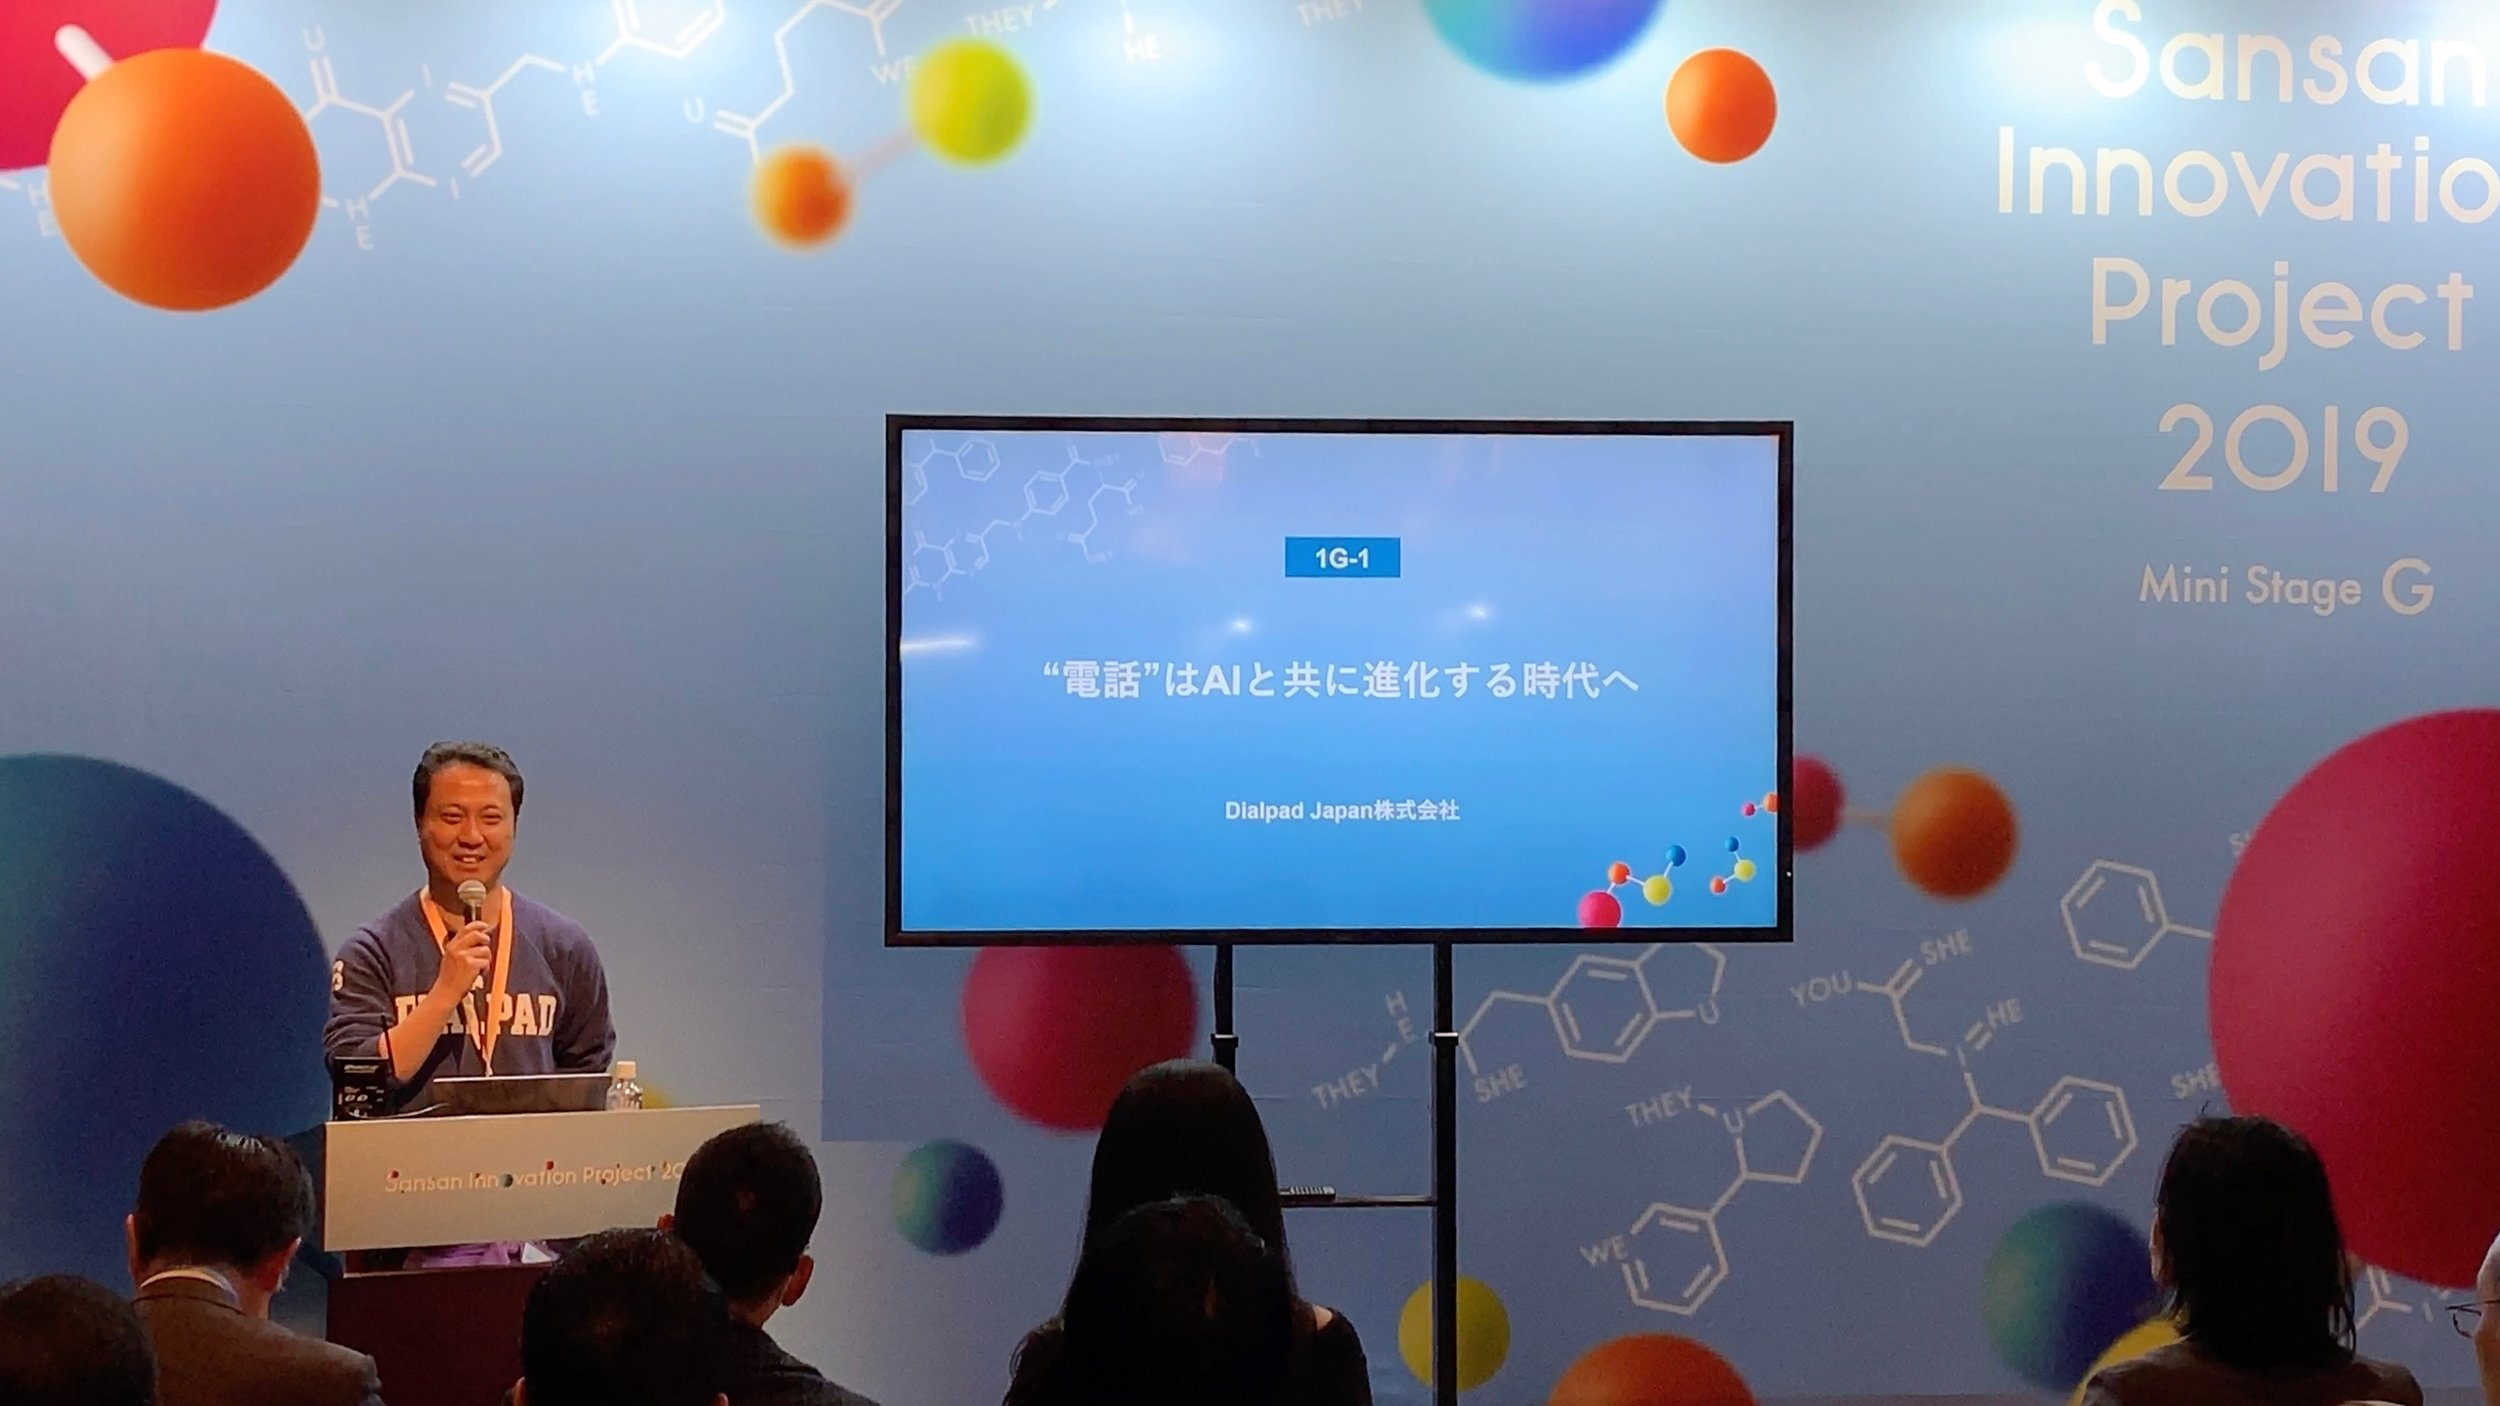 【Sansan Innovation Project 2019にて_2019.3.14】